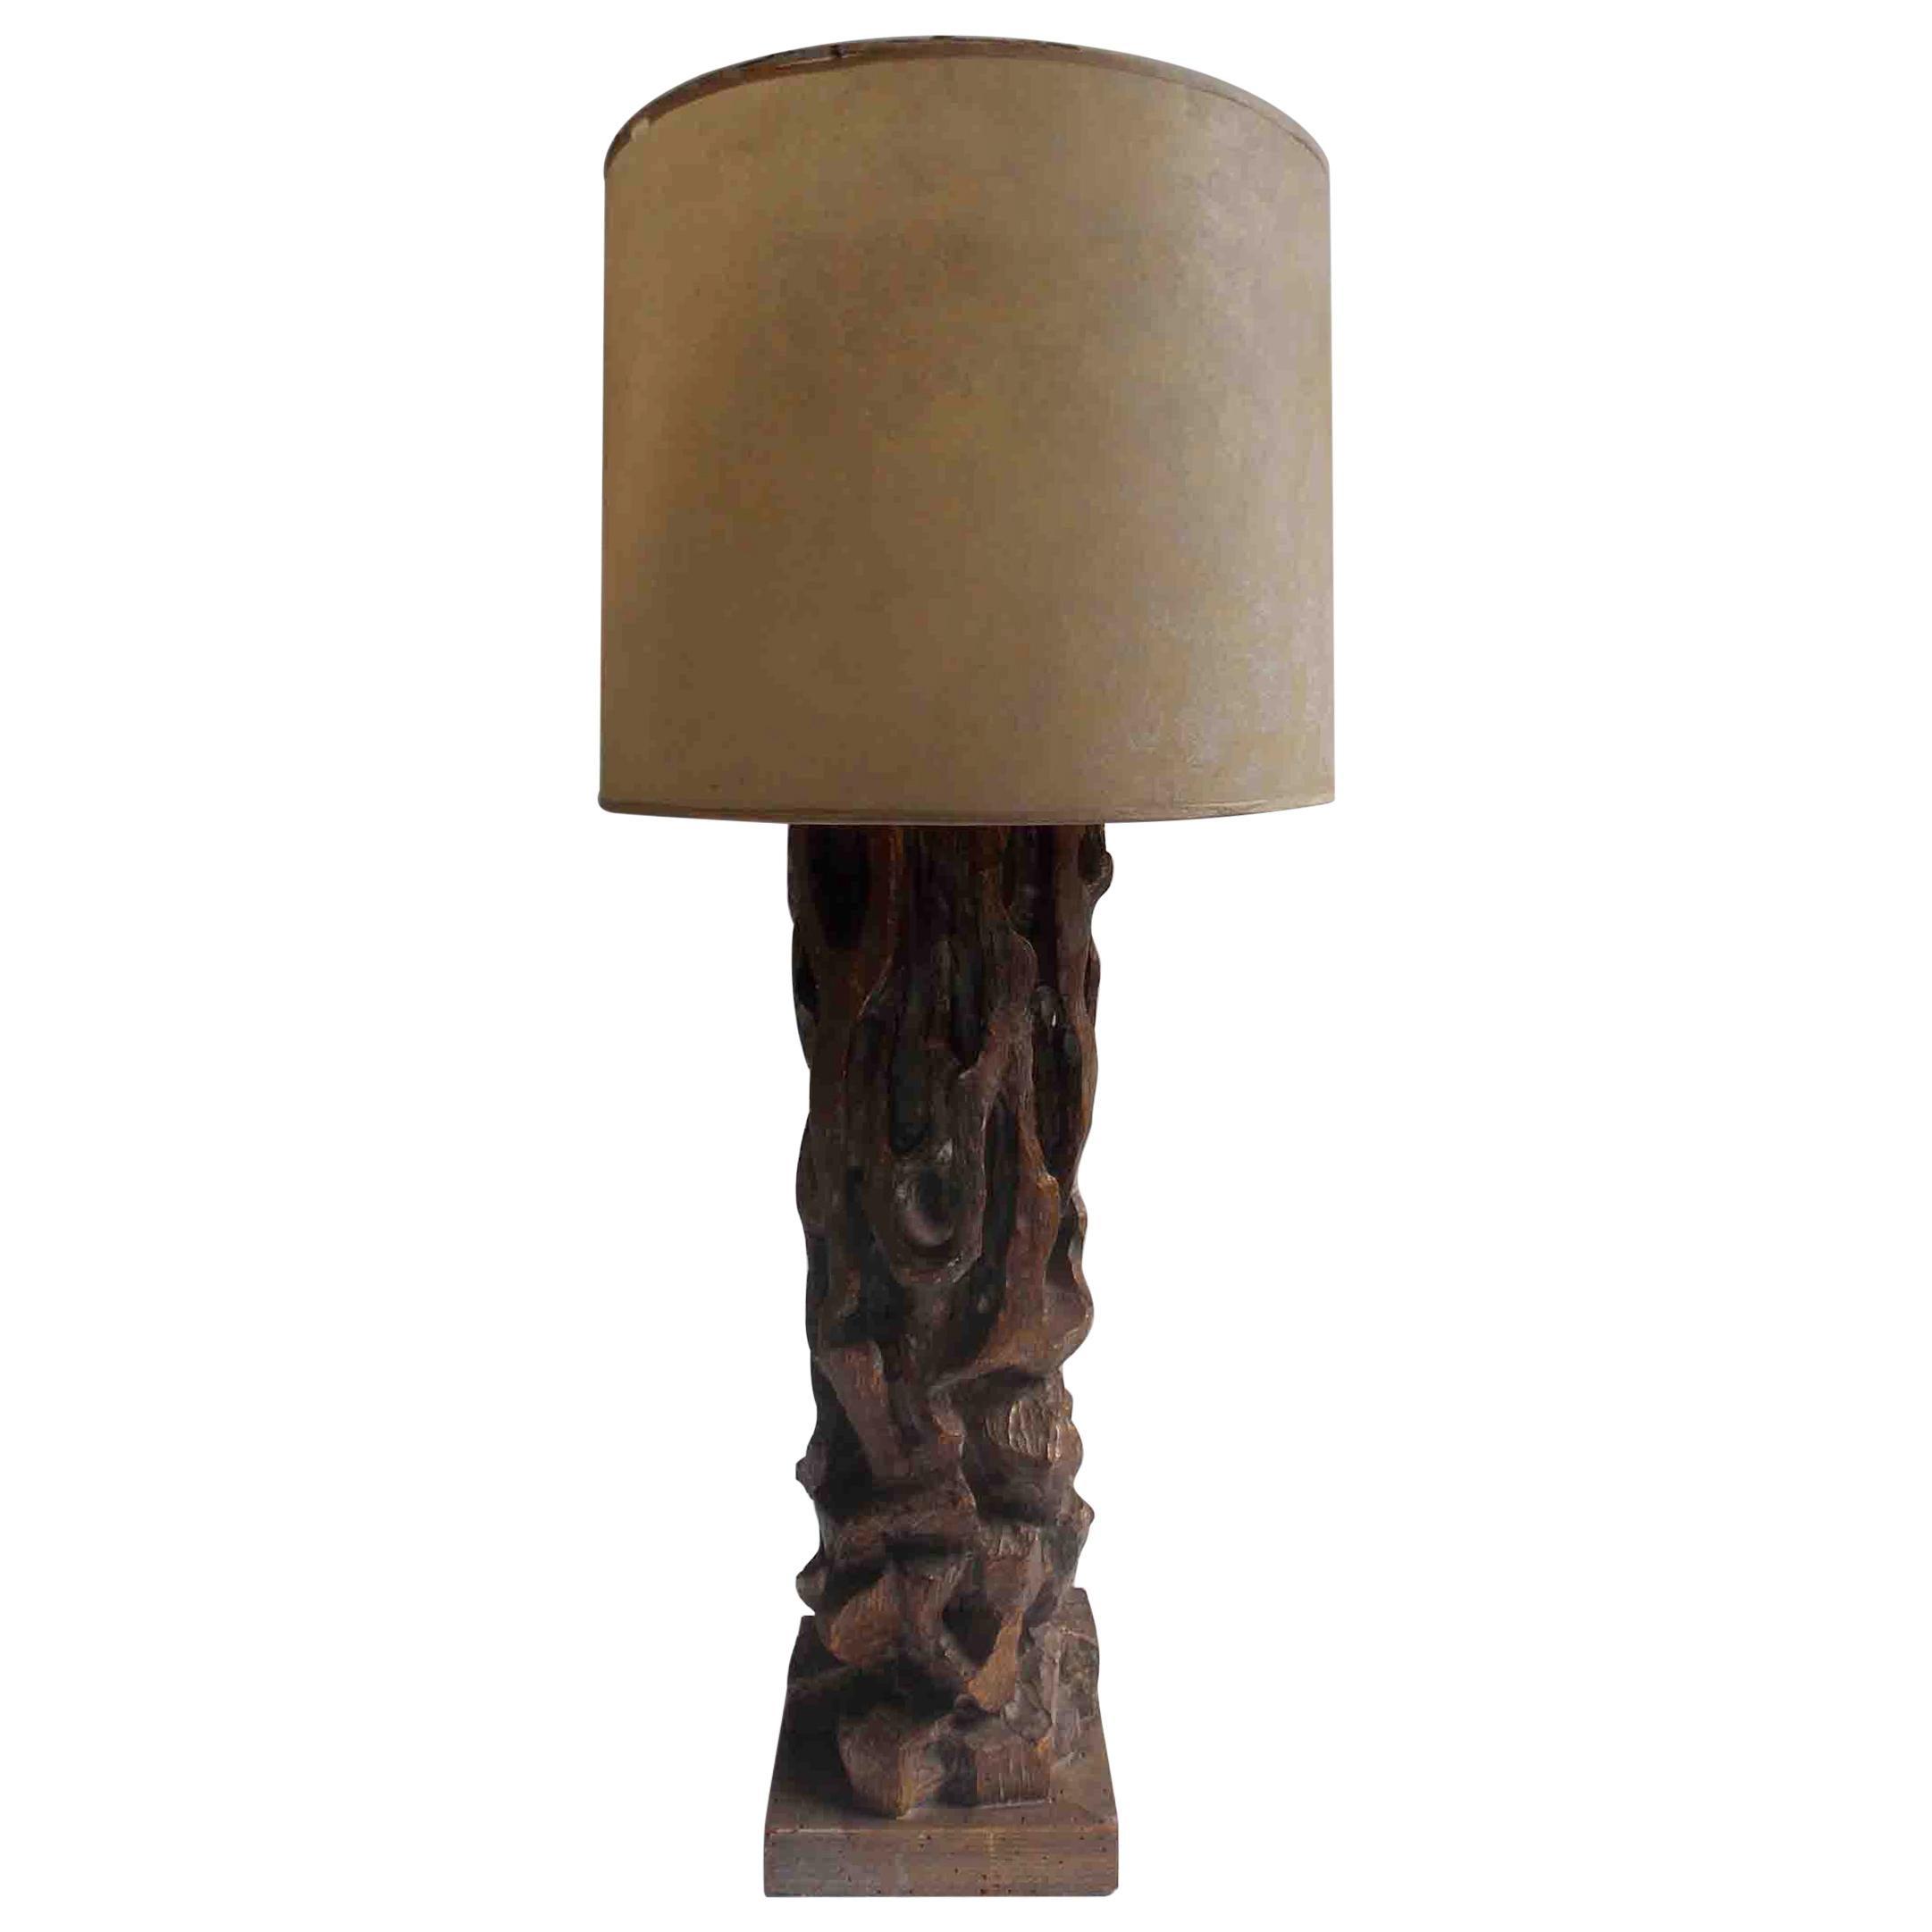 James Mont Lamp